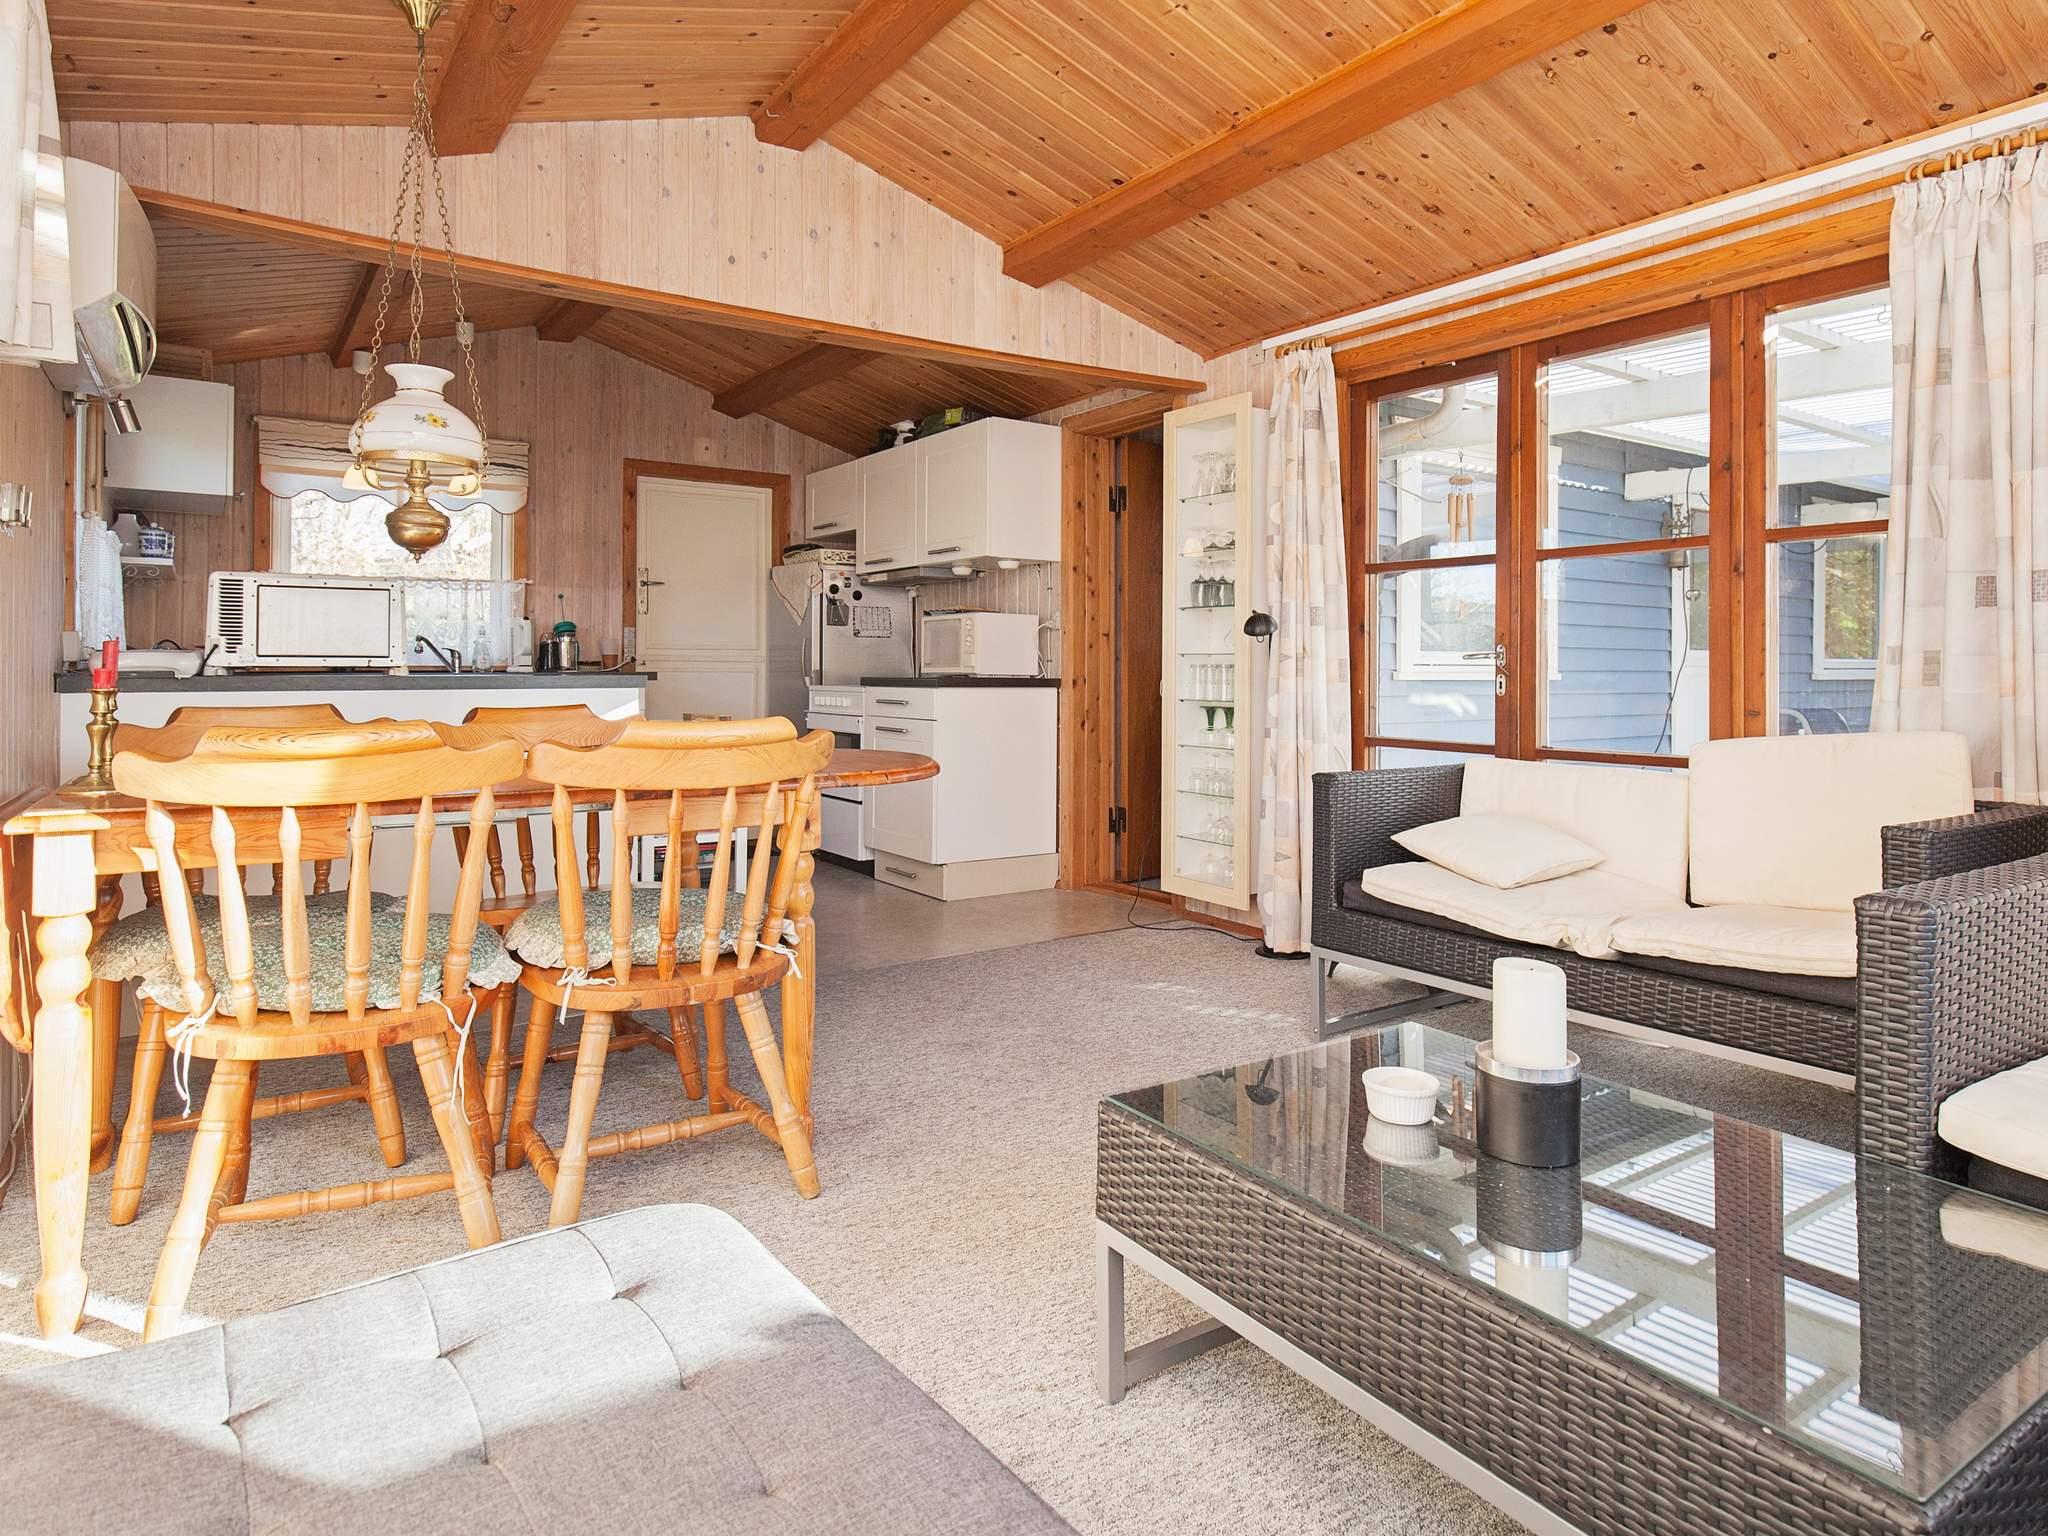 Ferienhaus Udsholt Strand (2355111), Udsholt, , Nordseeland, Dänemark, Bild 3